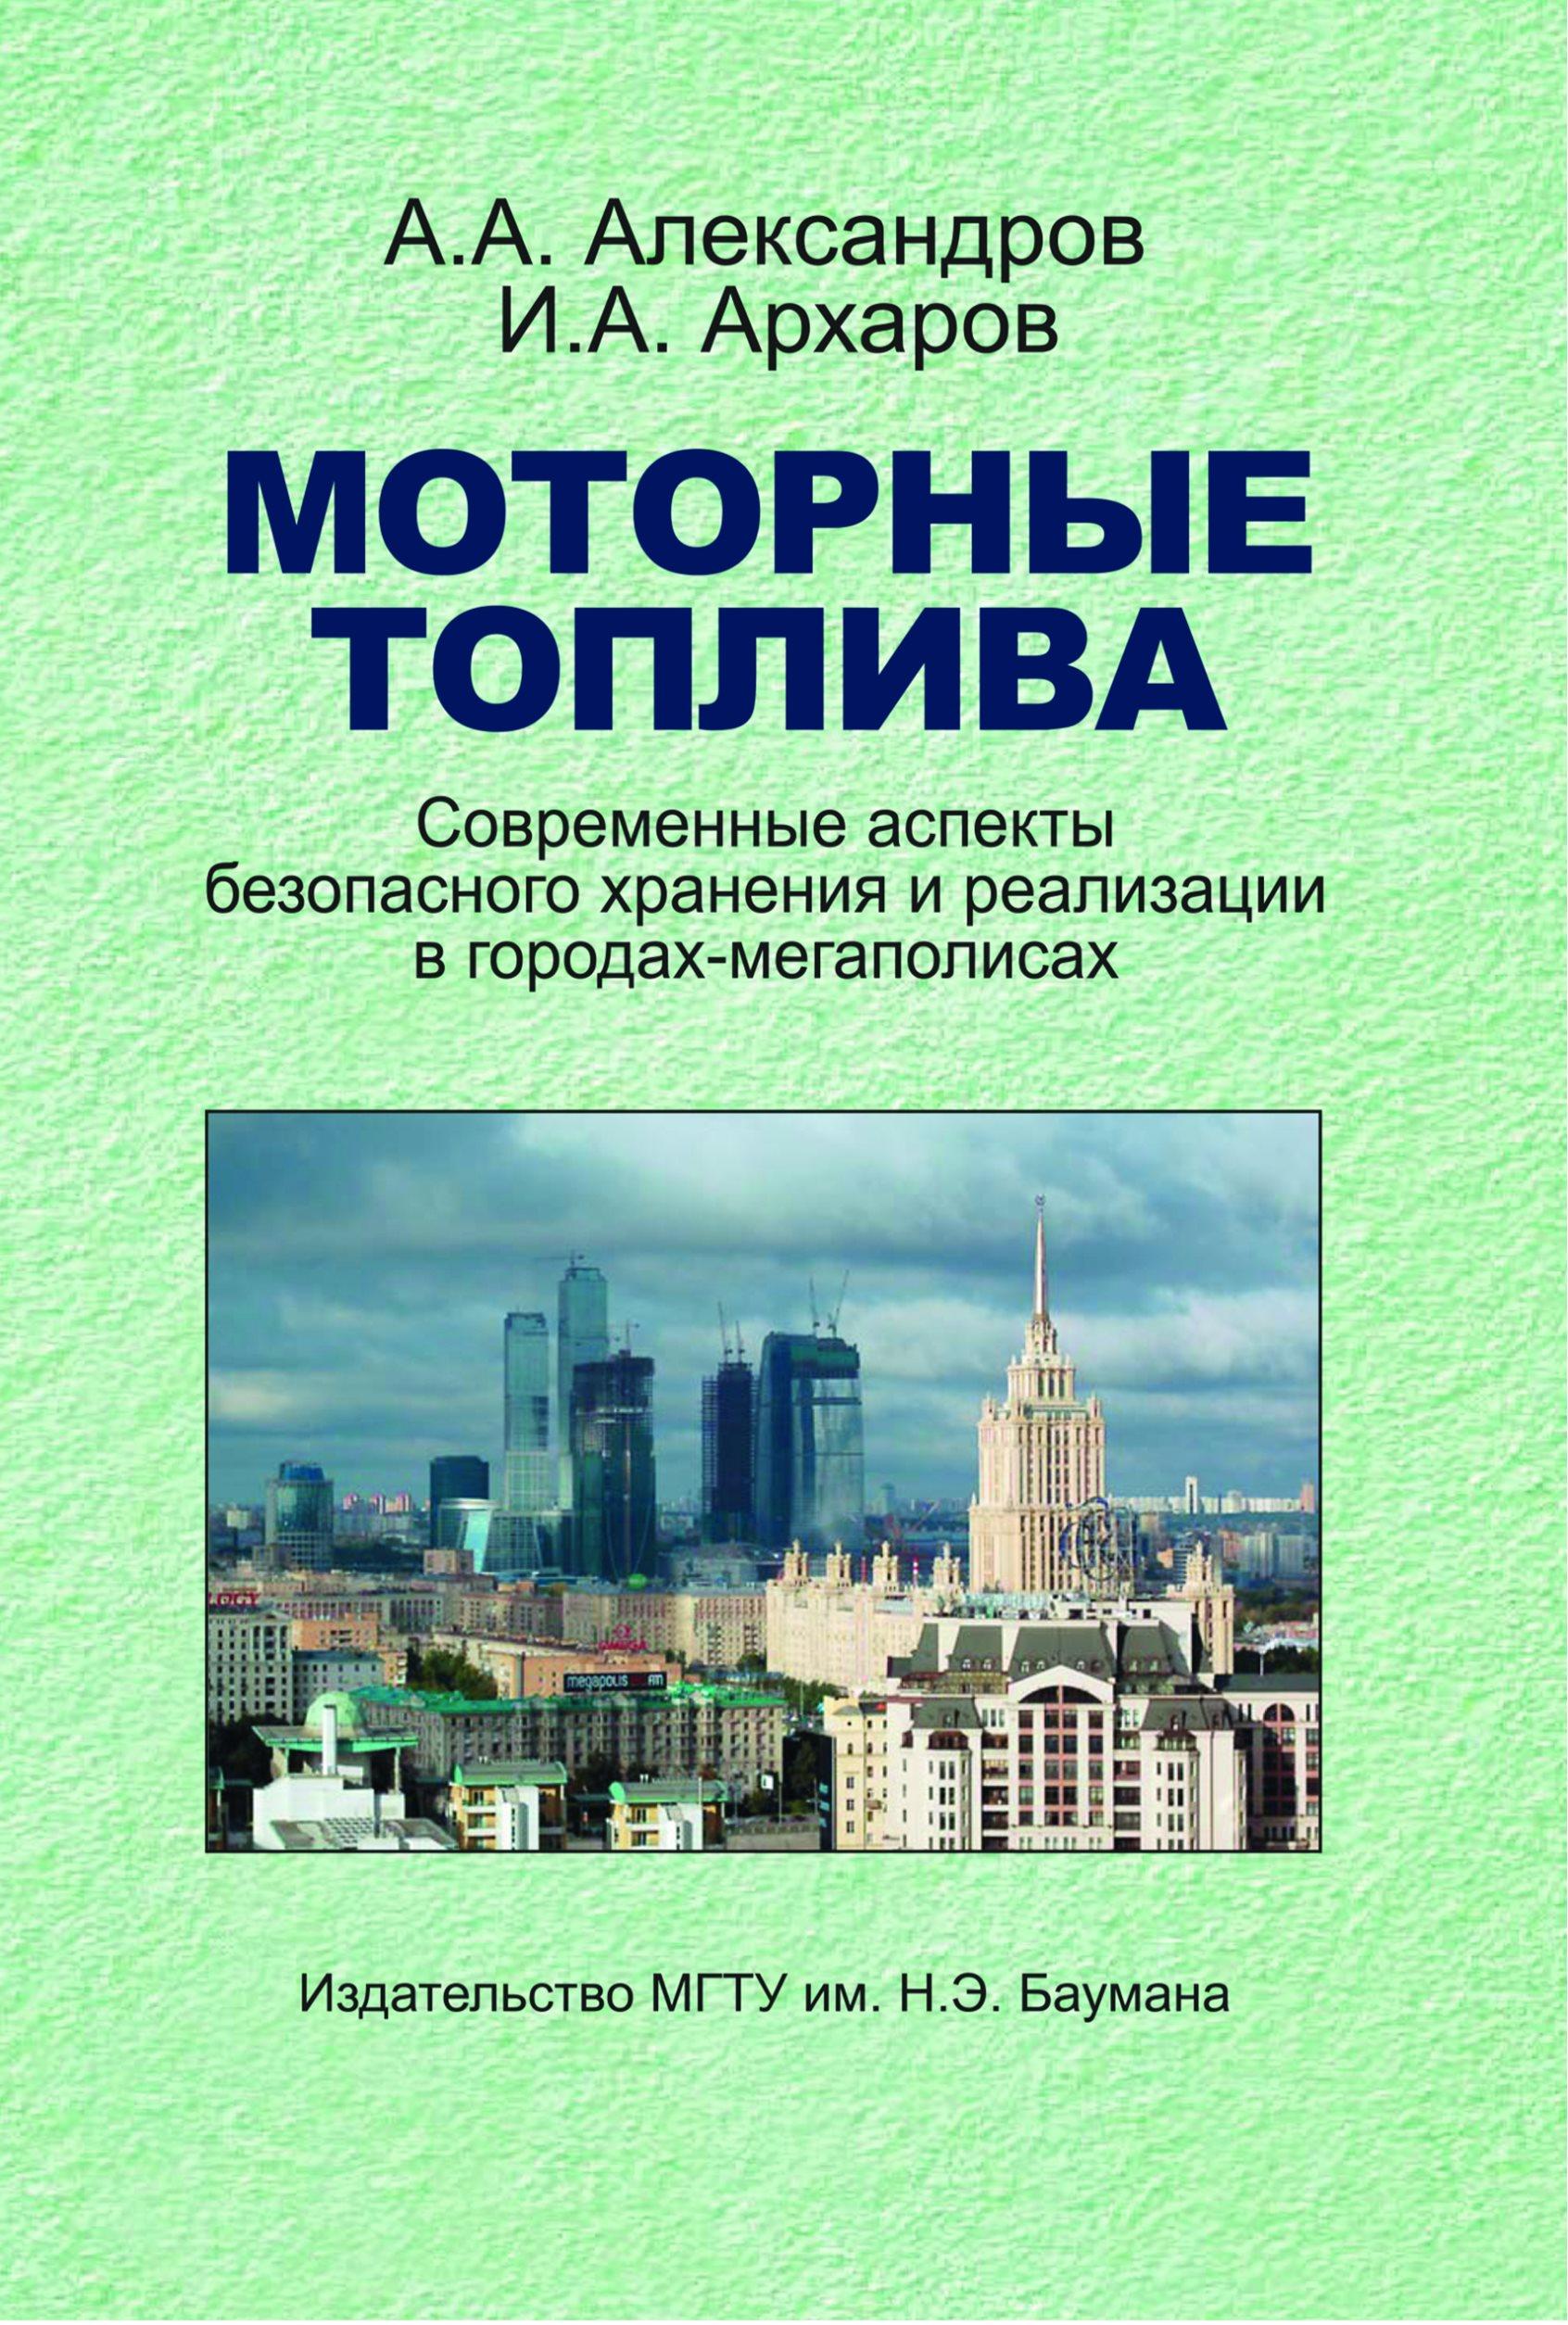 Моторные топлива. Современные аспекты безопасного хранения и реализации в городах-мегаполисах